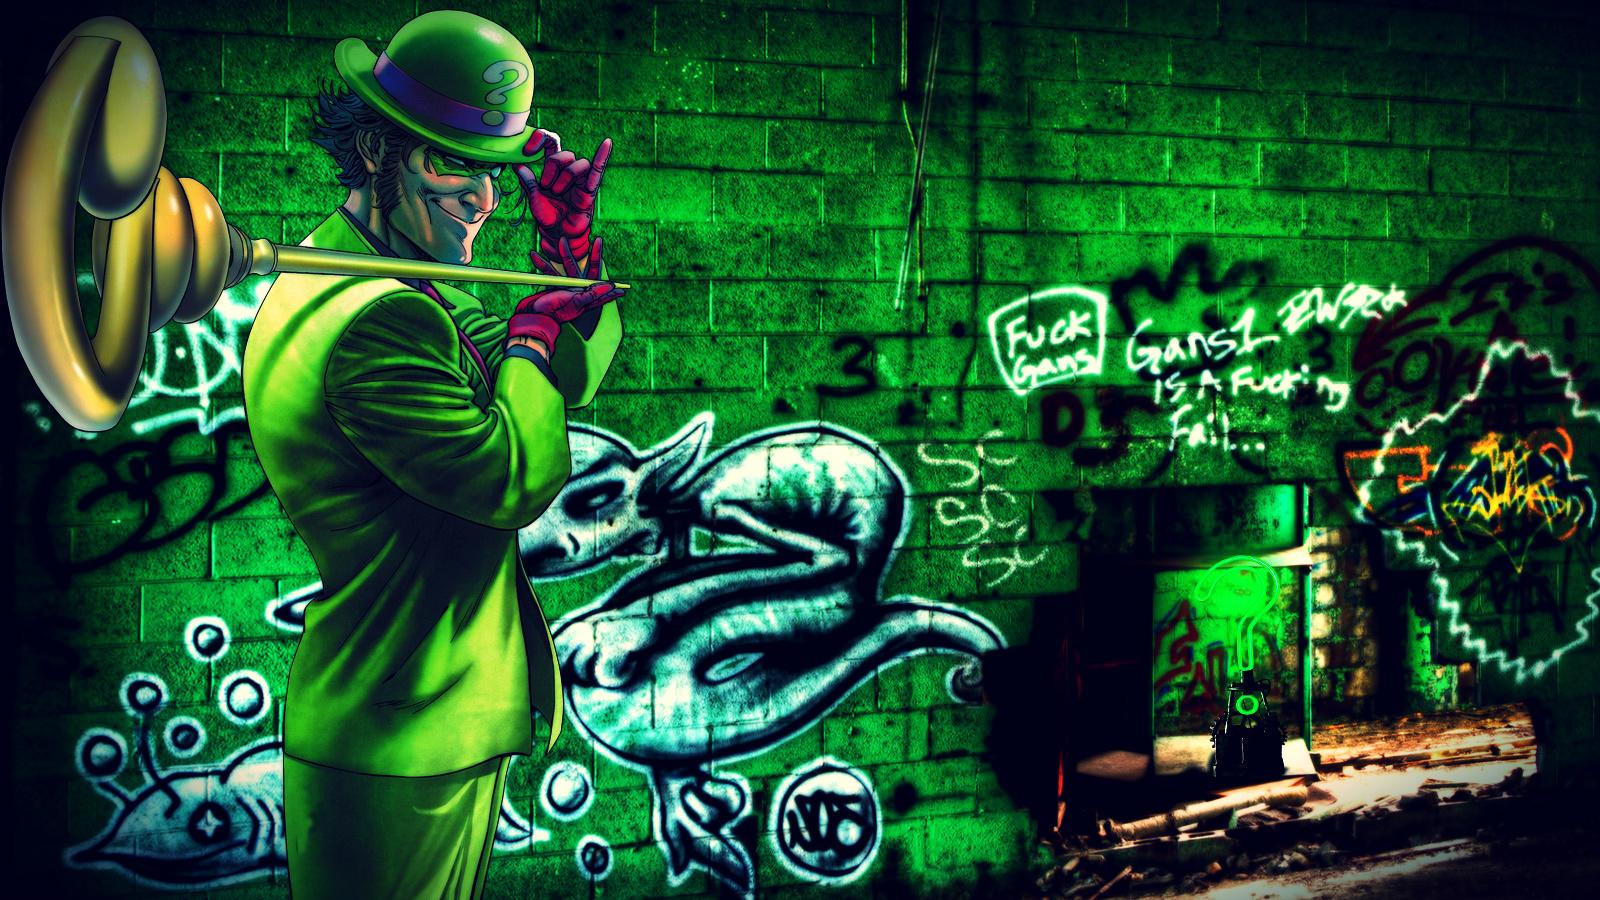 batman arkham city wallpaper hd iphone